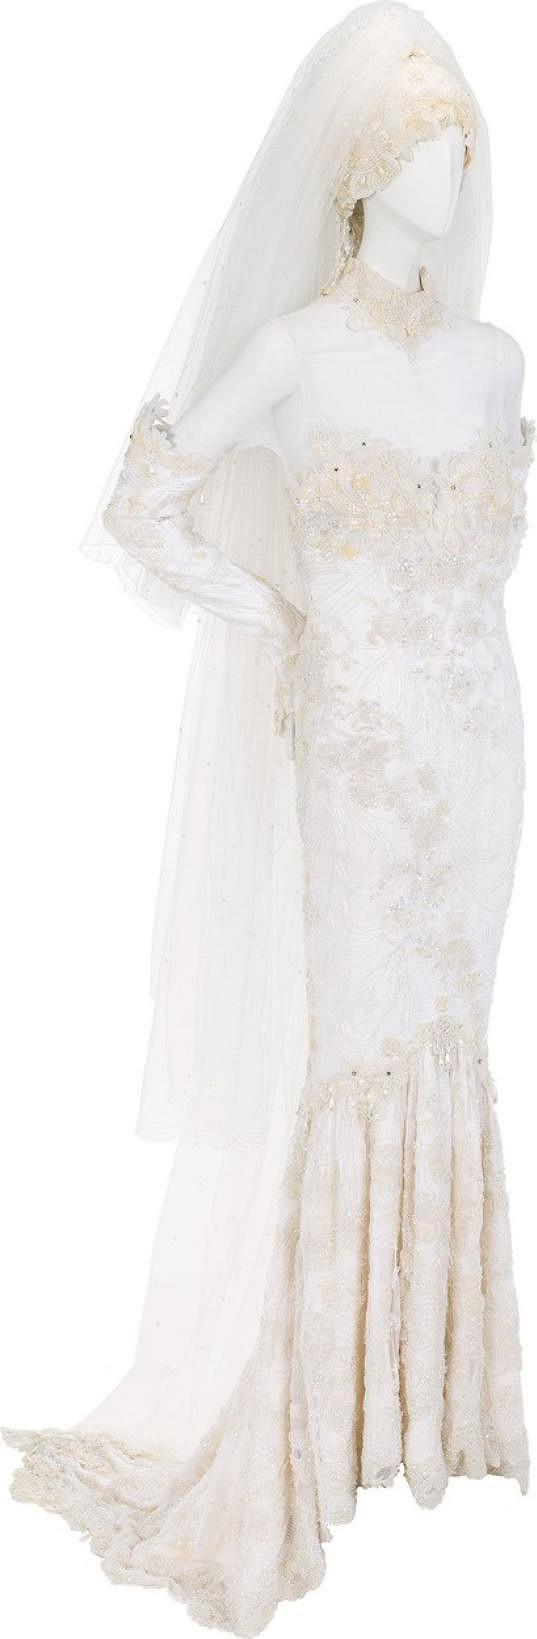 Velkou vzácností v aukci jsou zpěvaččiny svatební šaty.